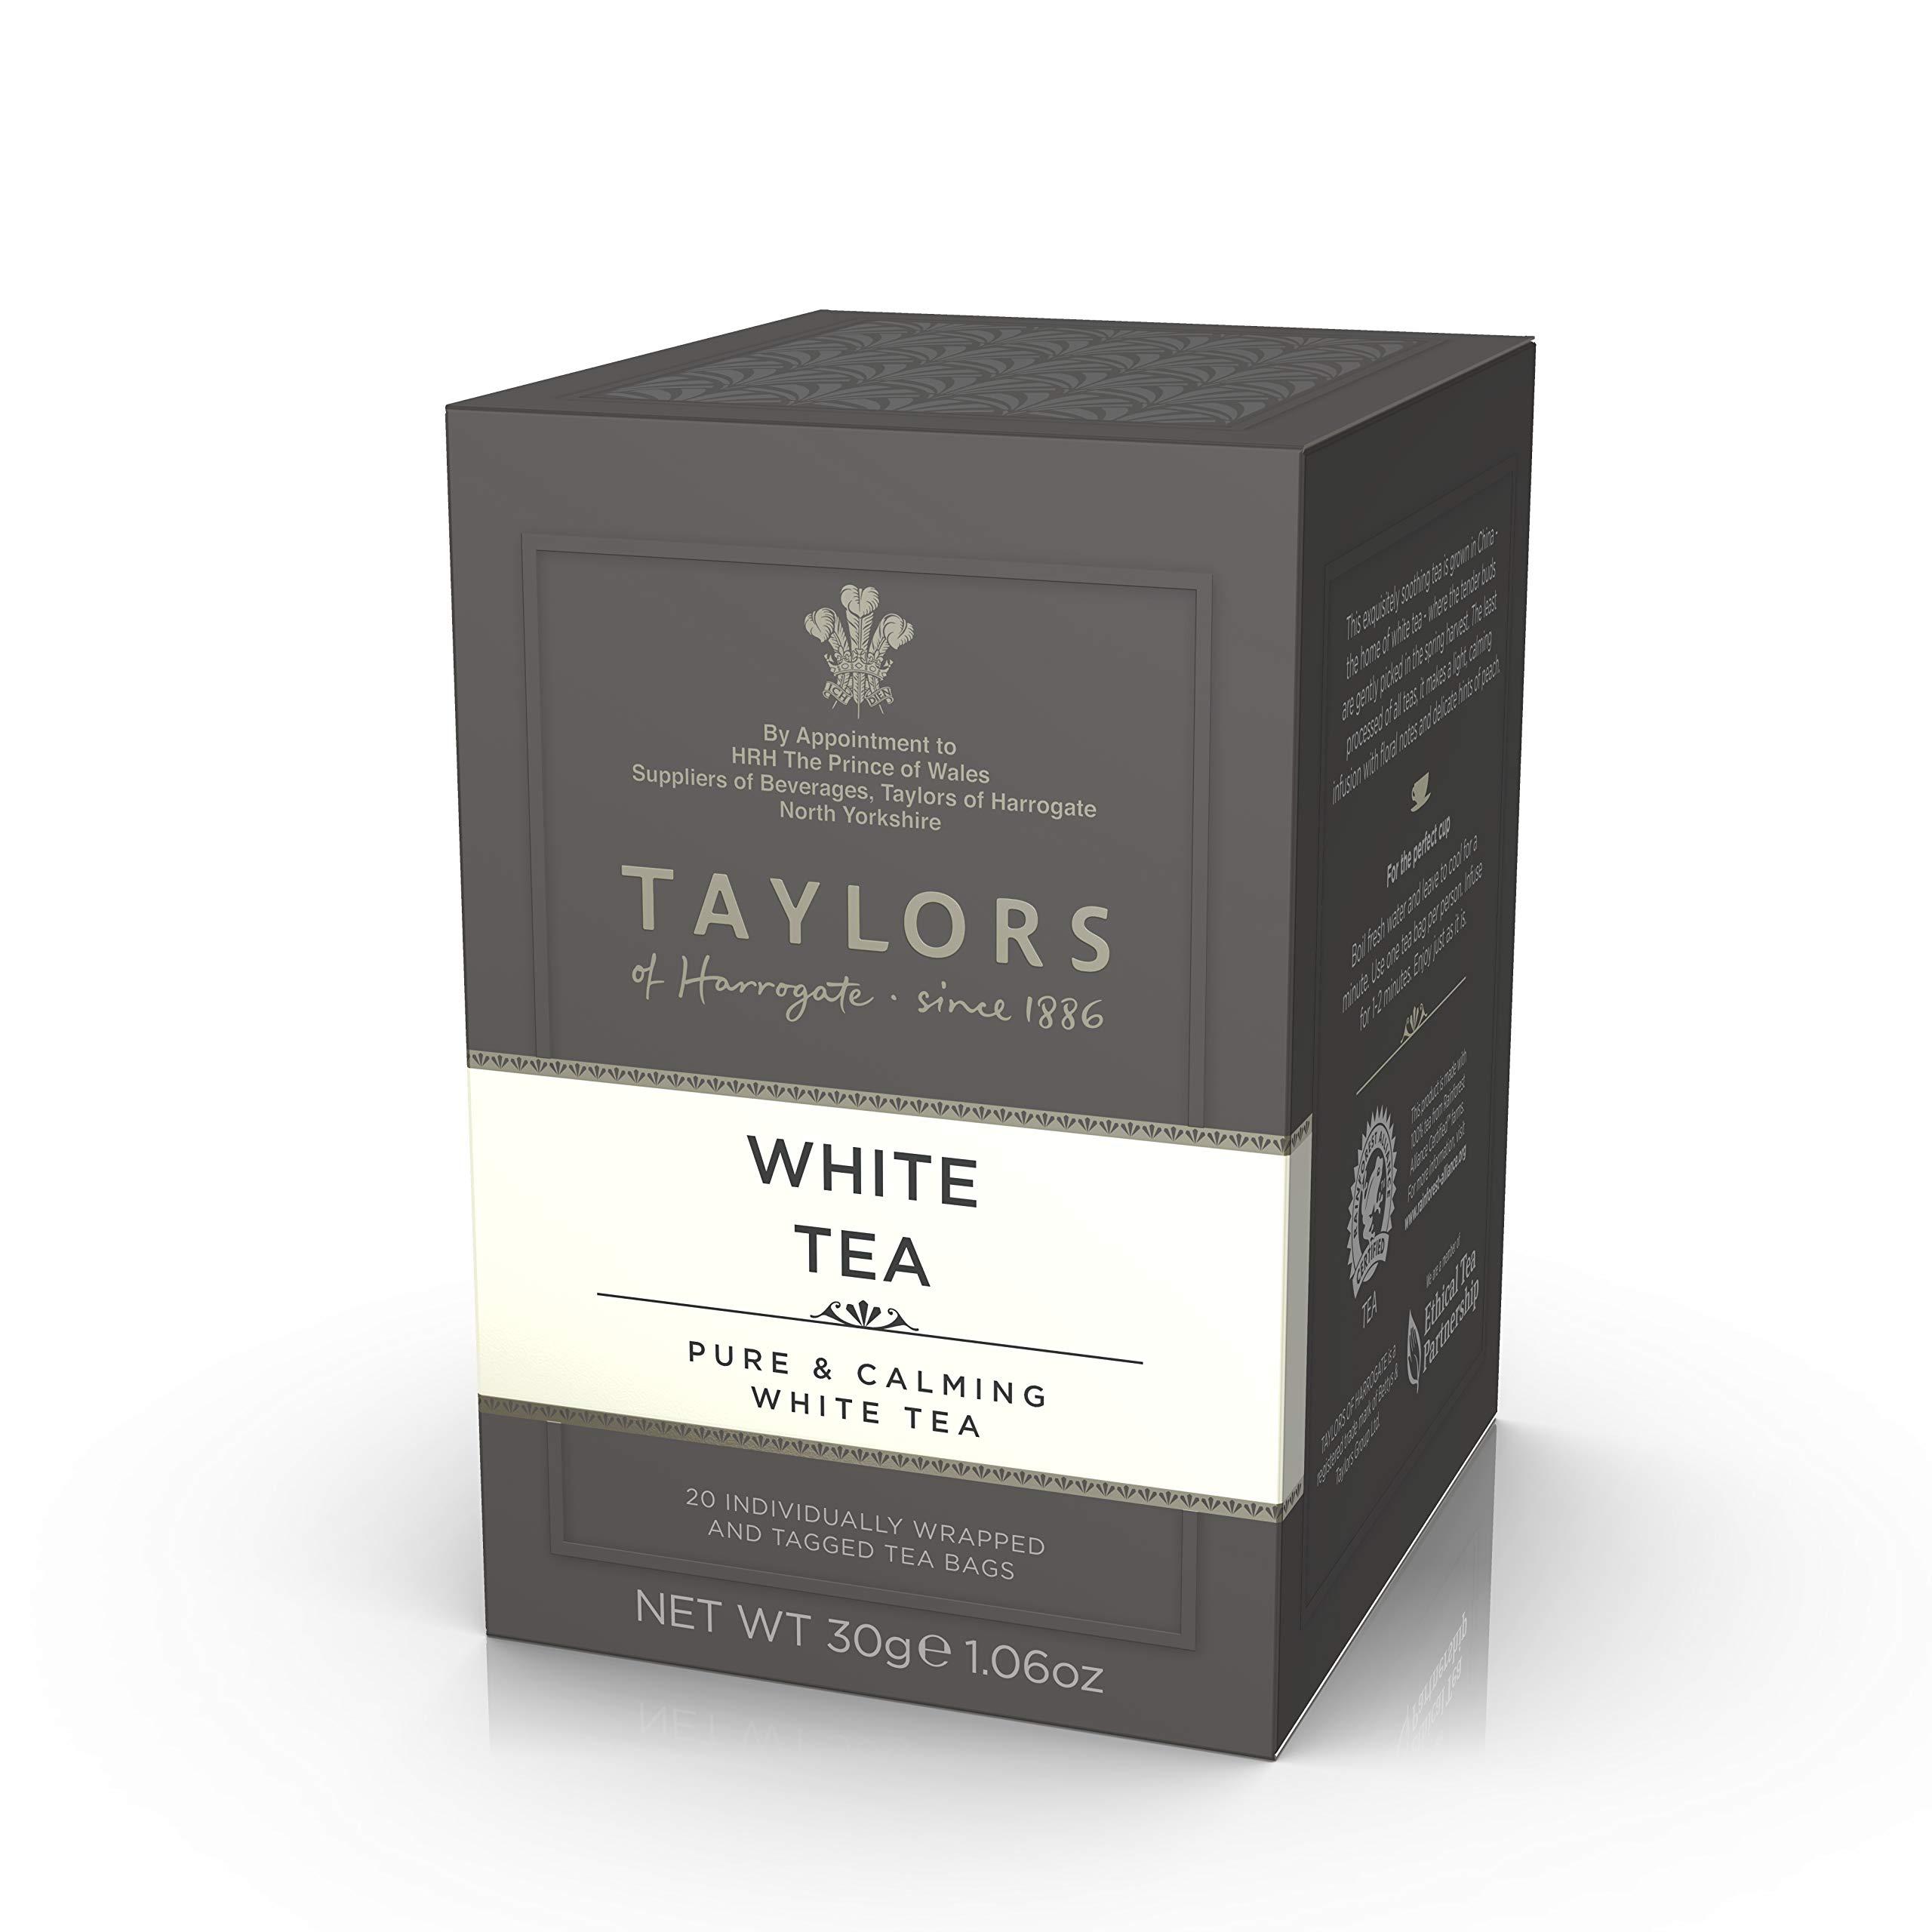 Taylors of Harrogate White Tea, 20 Teabags by Taylors of Harrogate